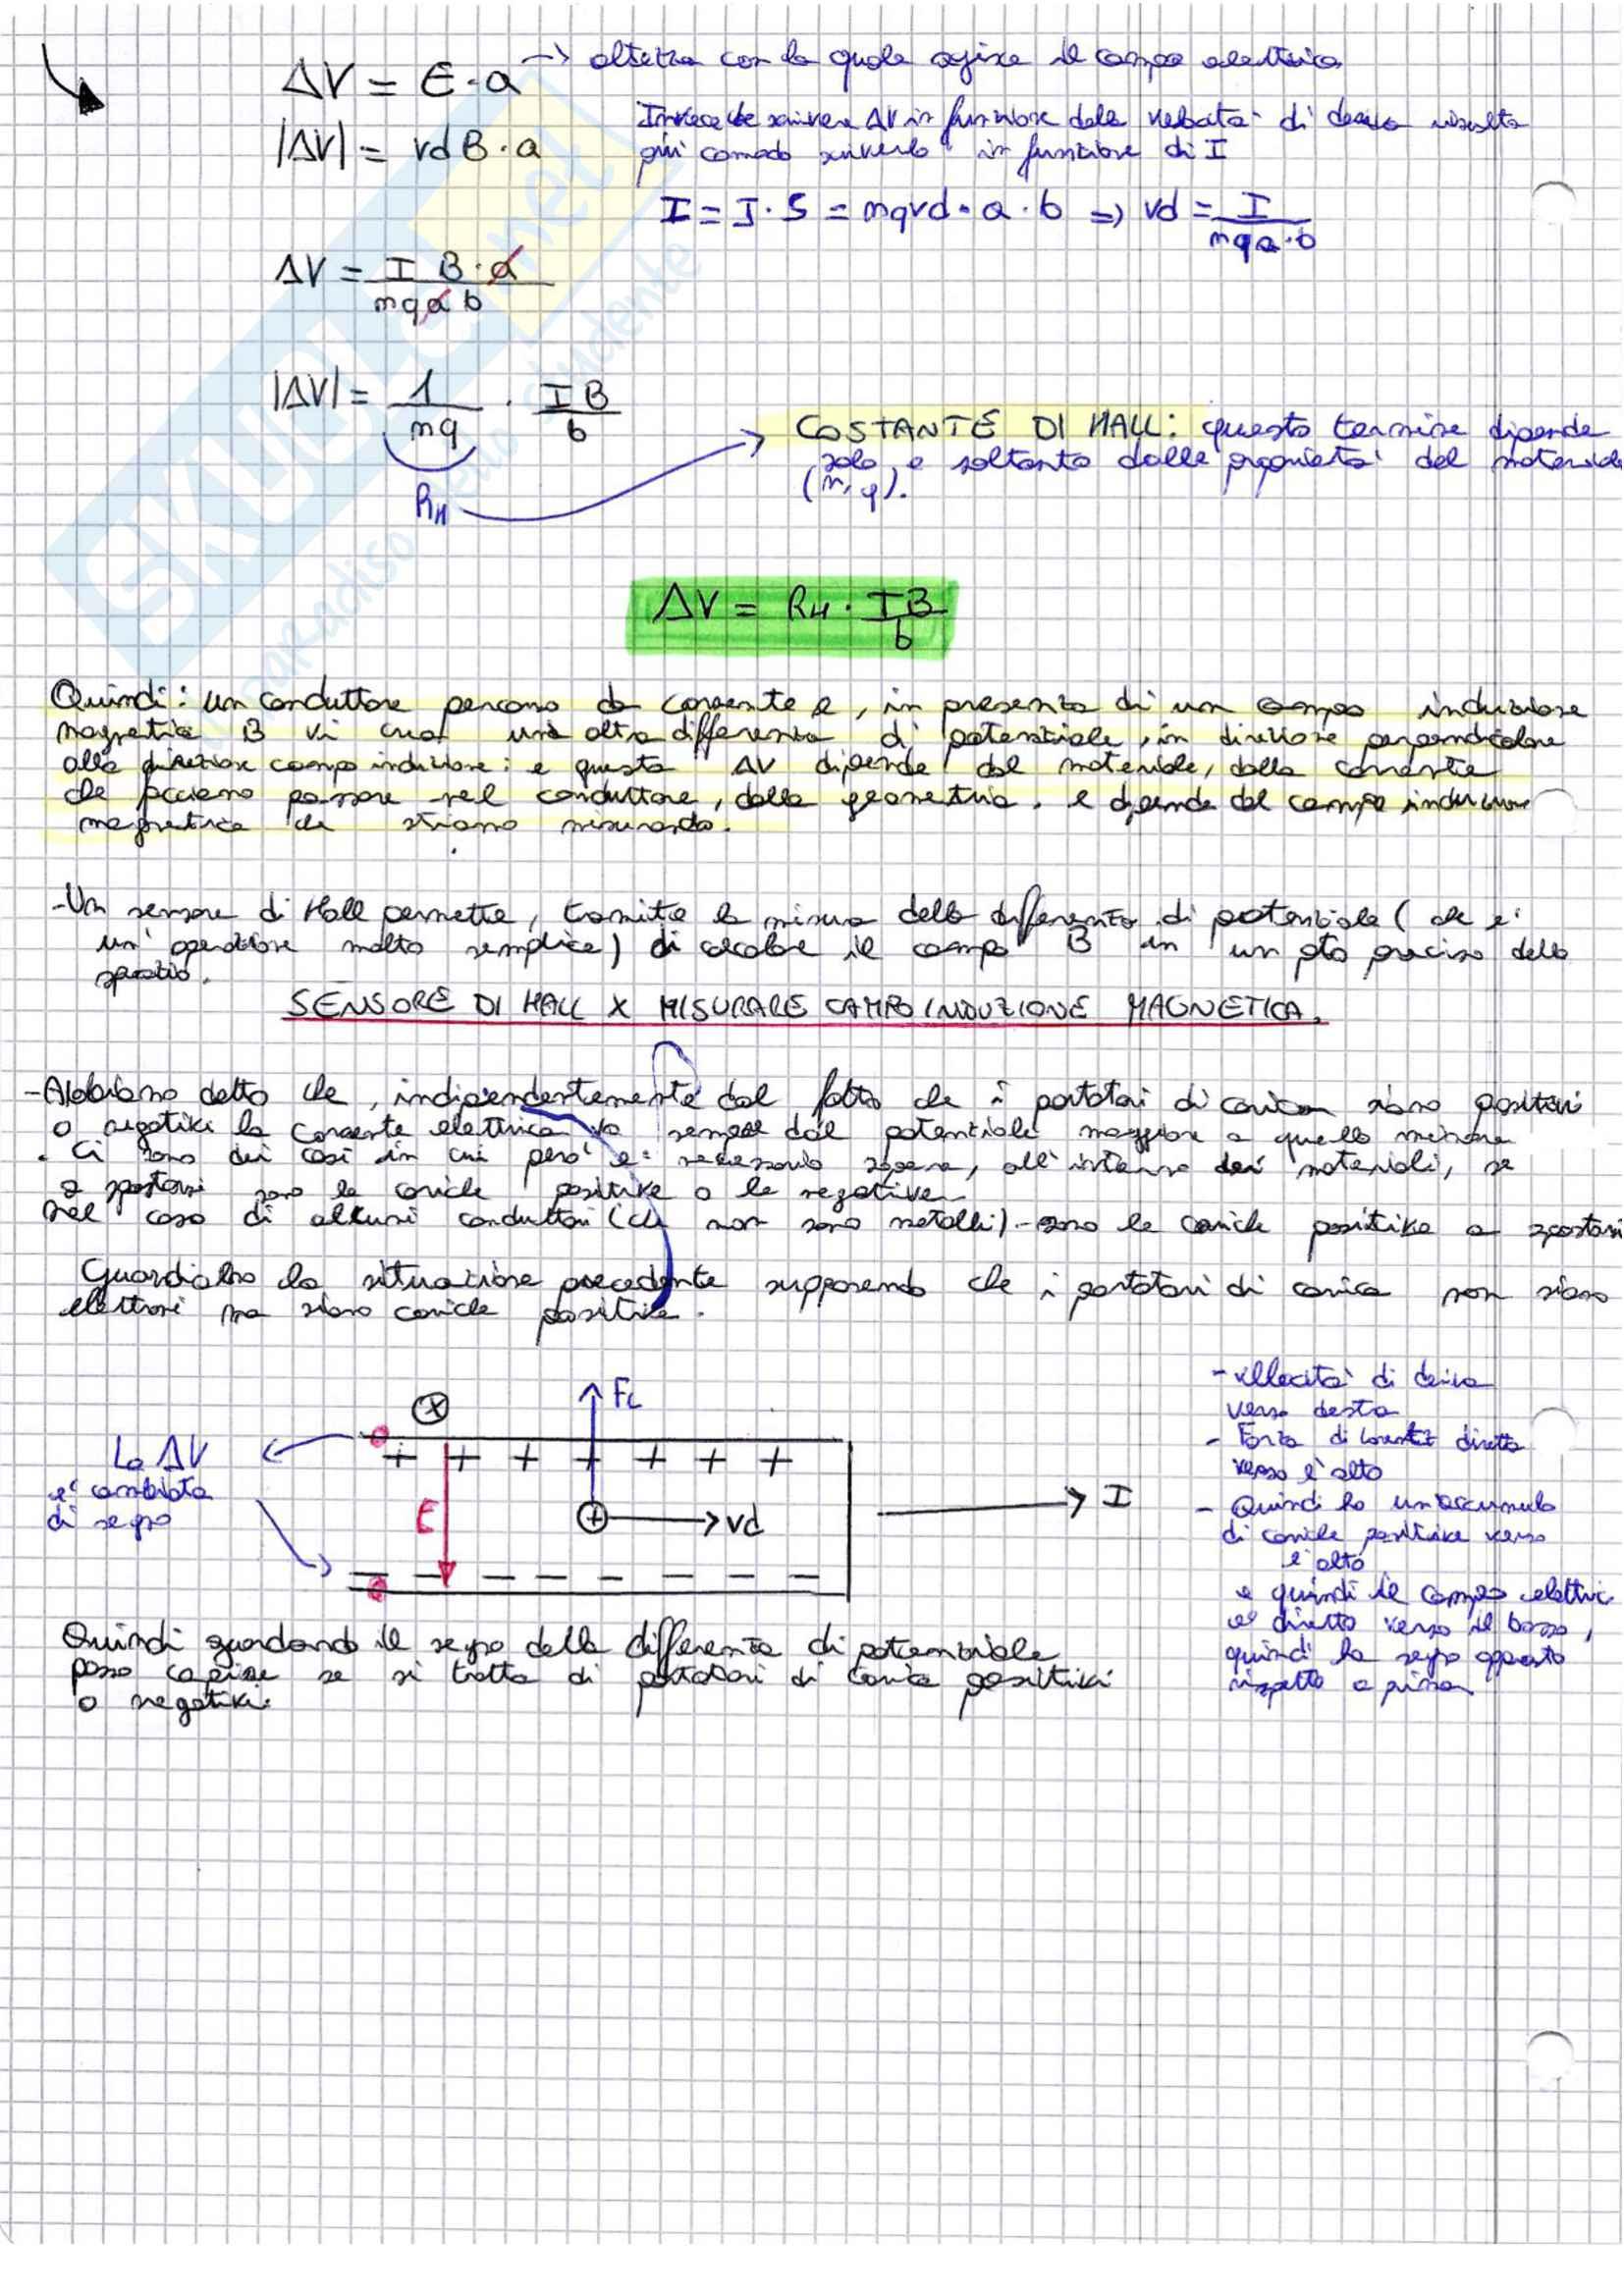 Magnetismo - fisica 2, appunti tratti dal corso prof. Minzioni, unipv Bioingegneria Pag. 16